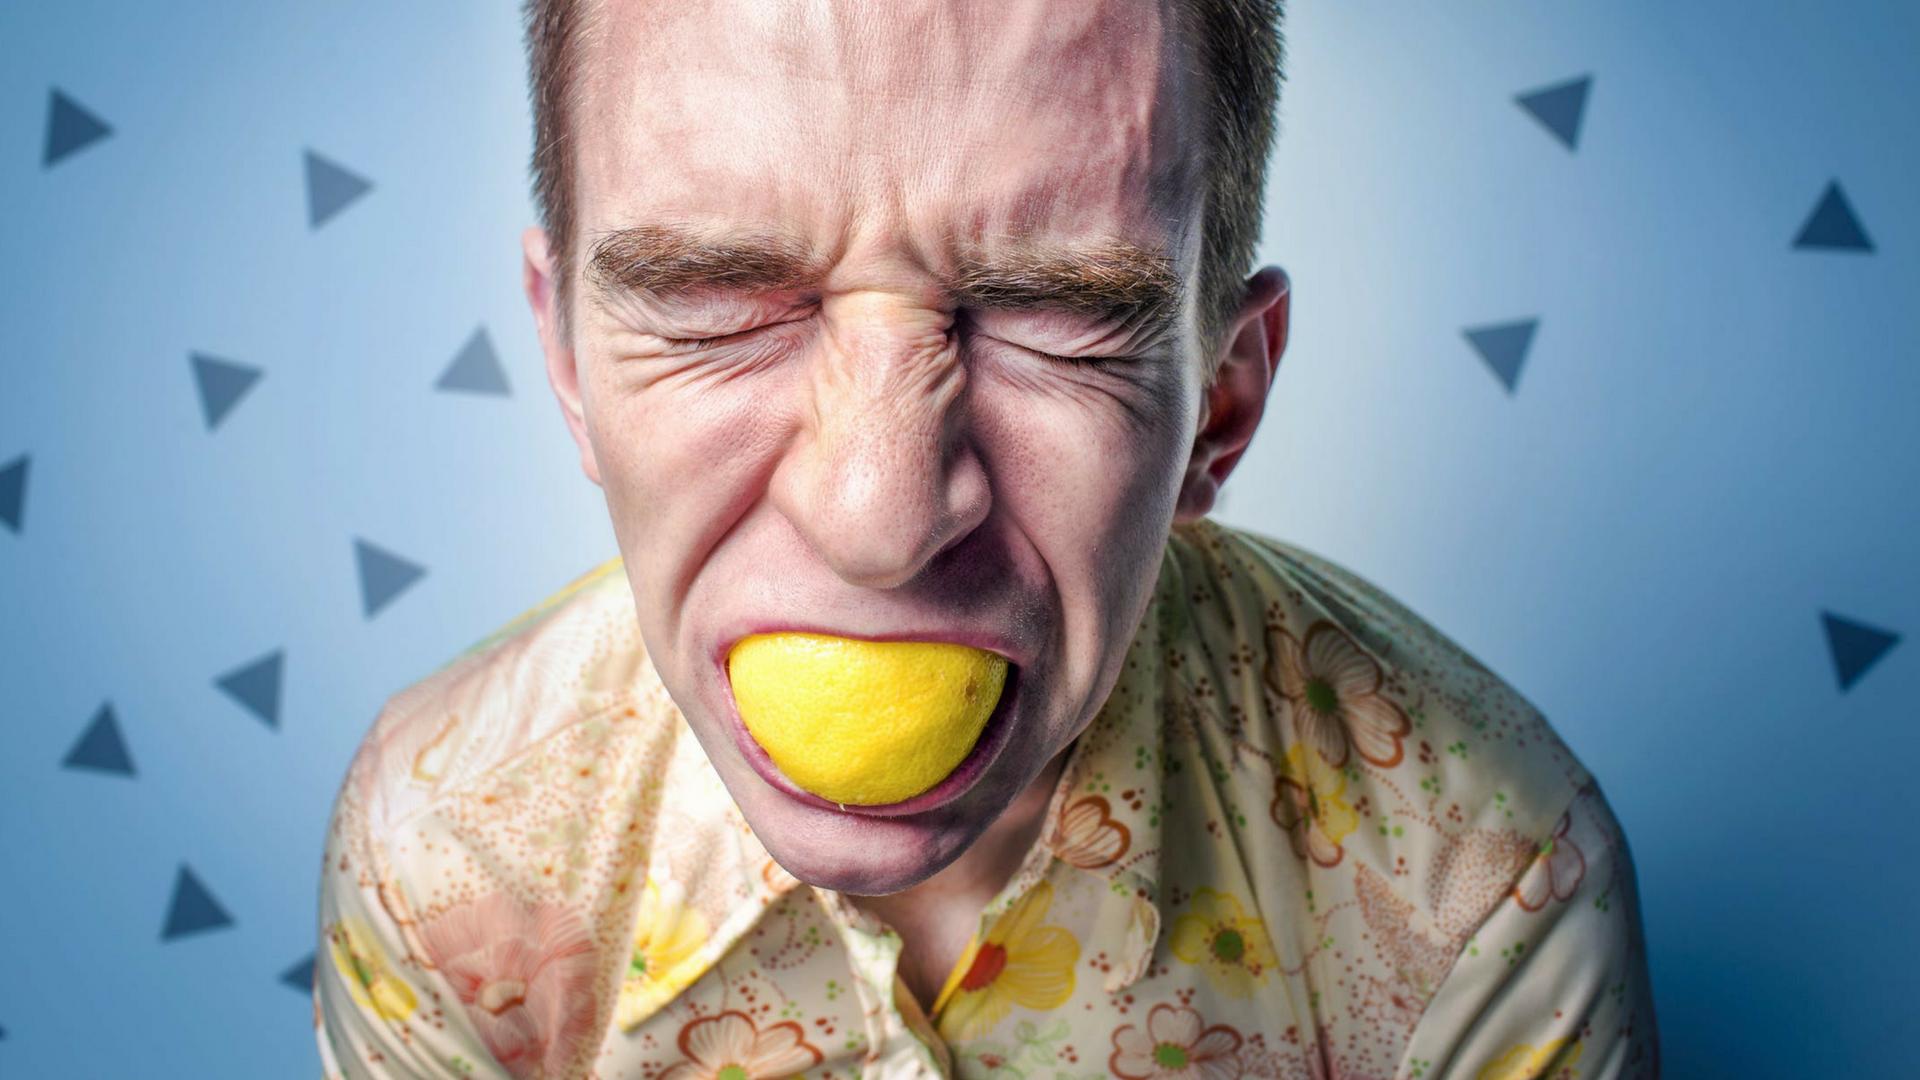 gratis sitios sociales para conocer gente el limón